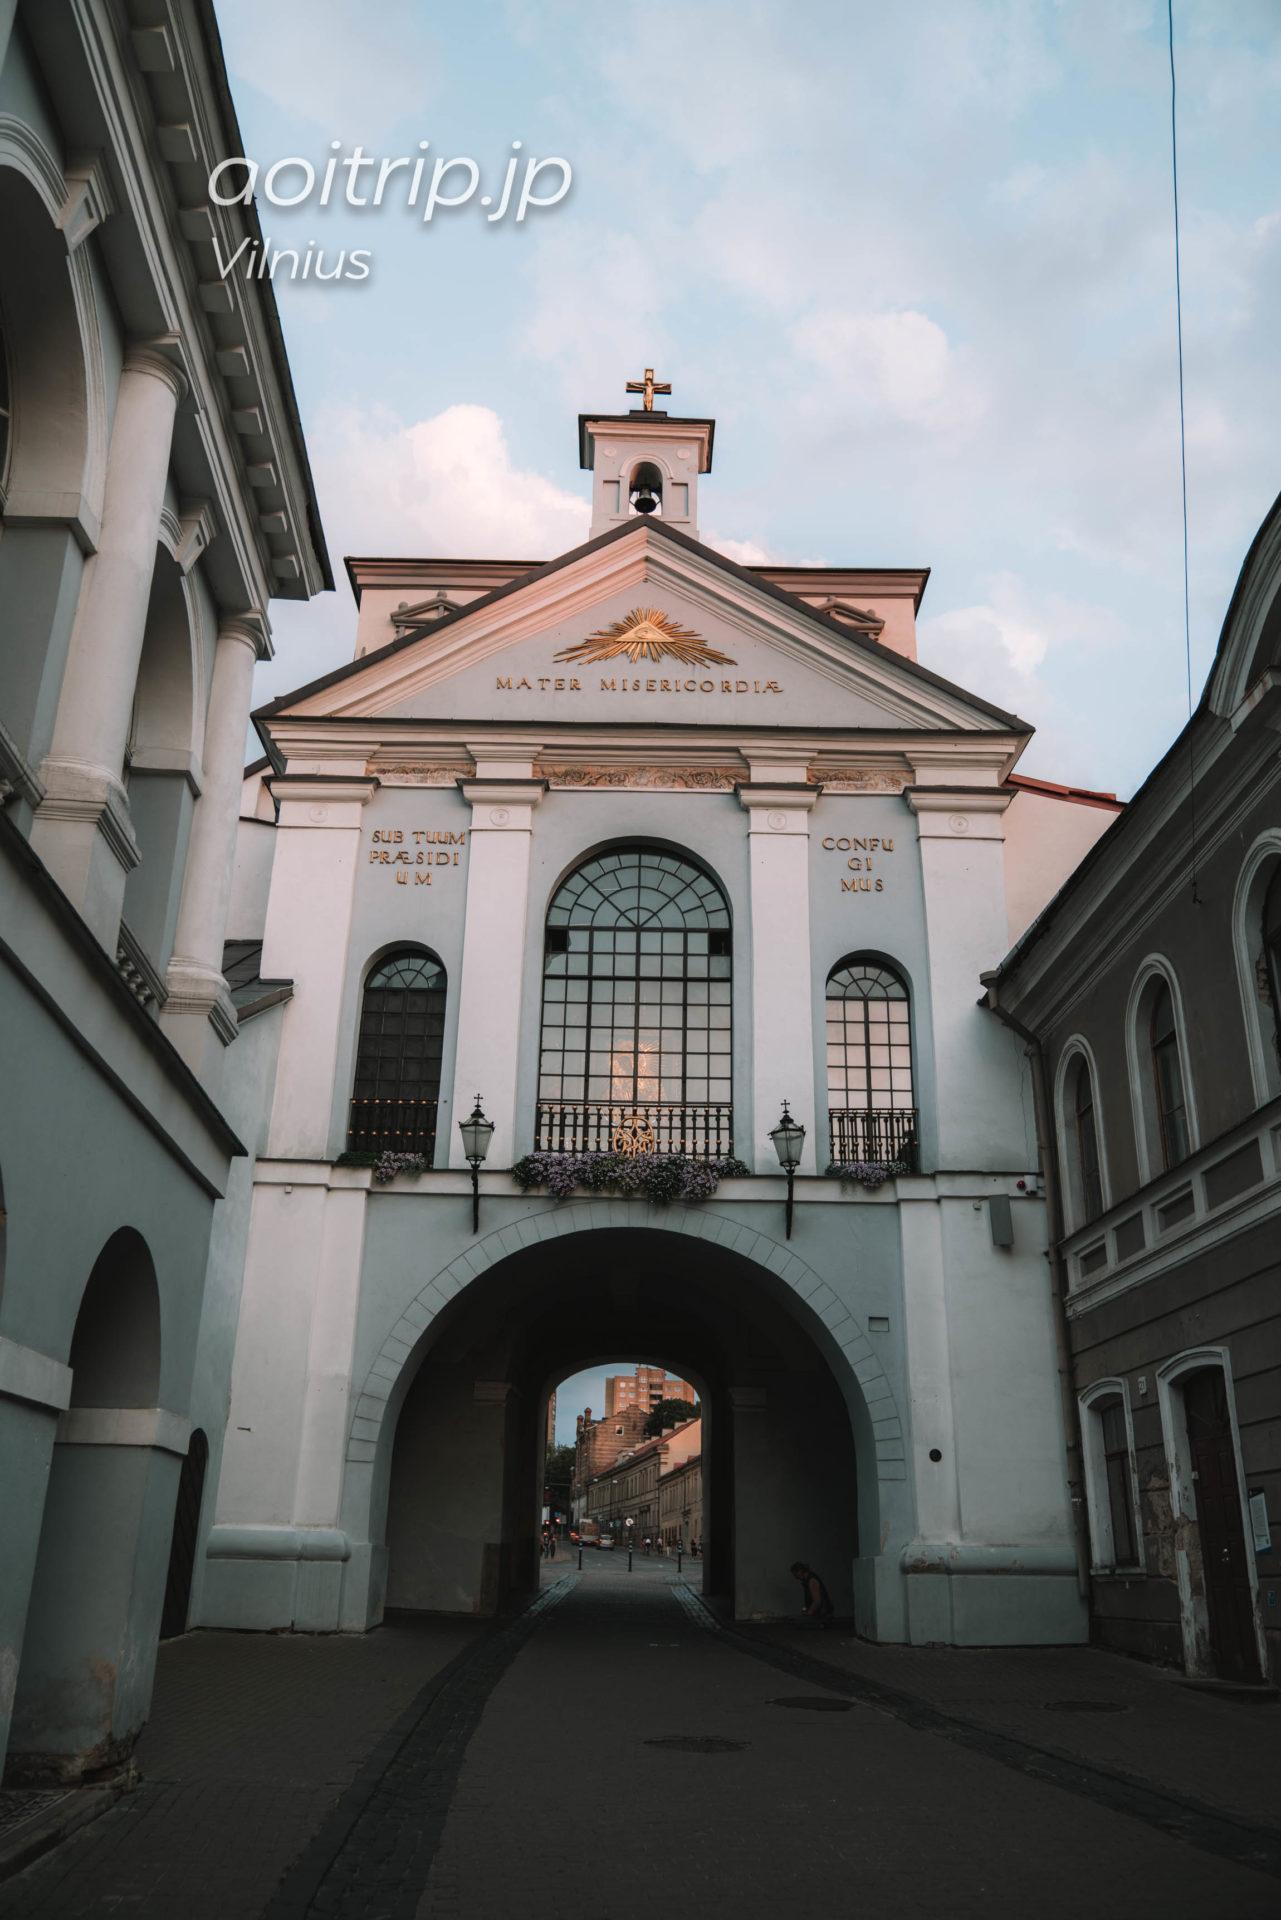 リトアニアのヴィリニュス 夜明けの門